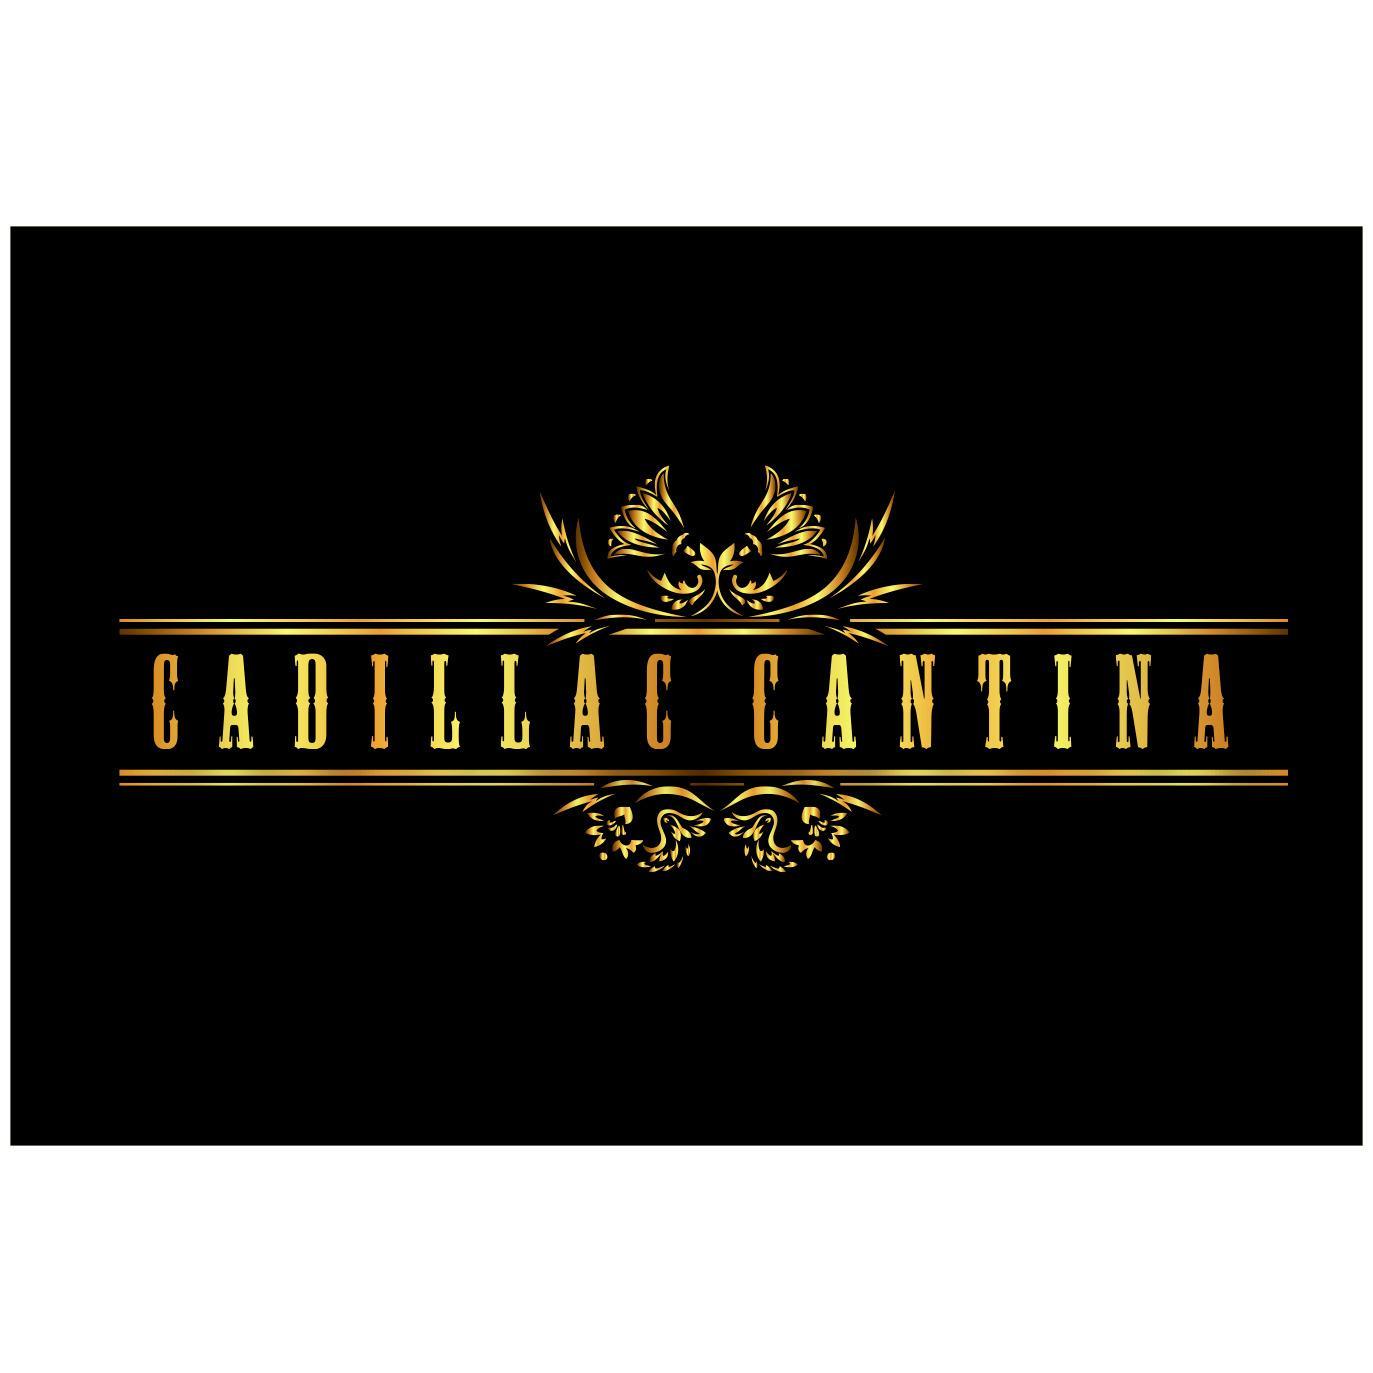 Cadillac Cantina image 6